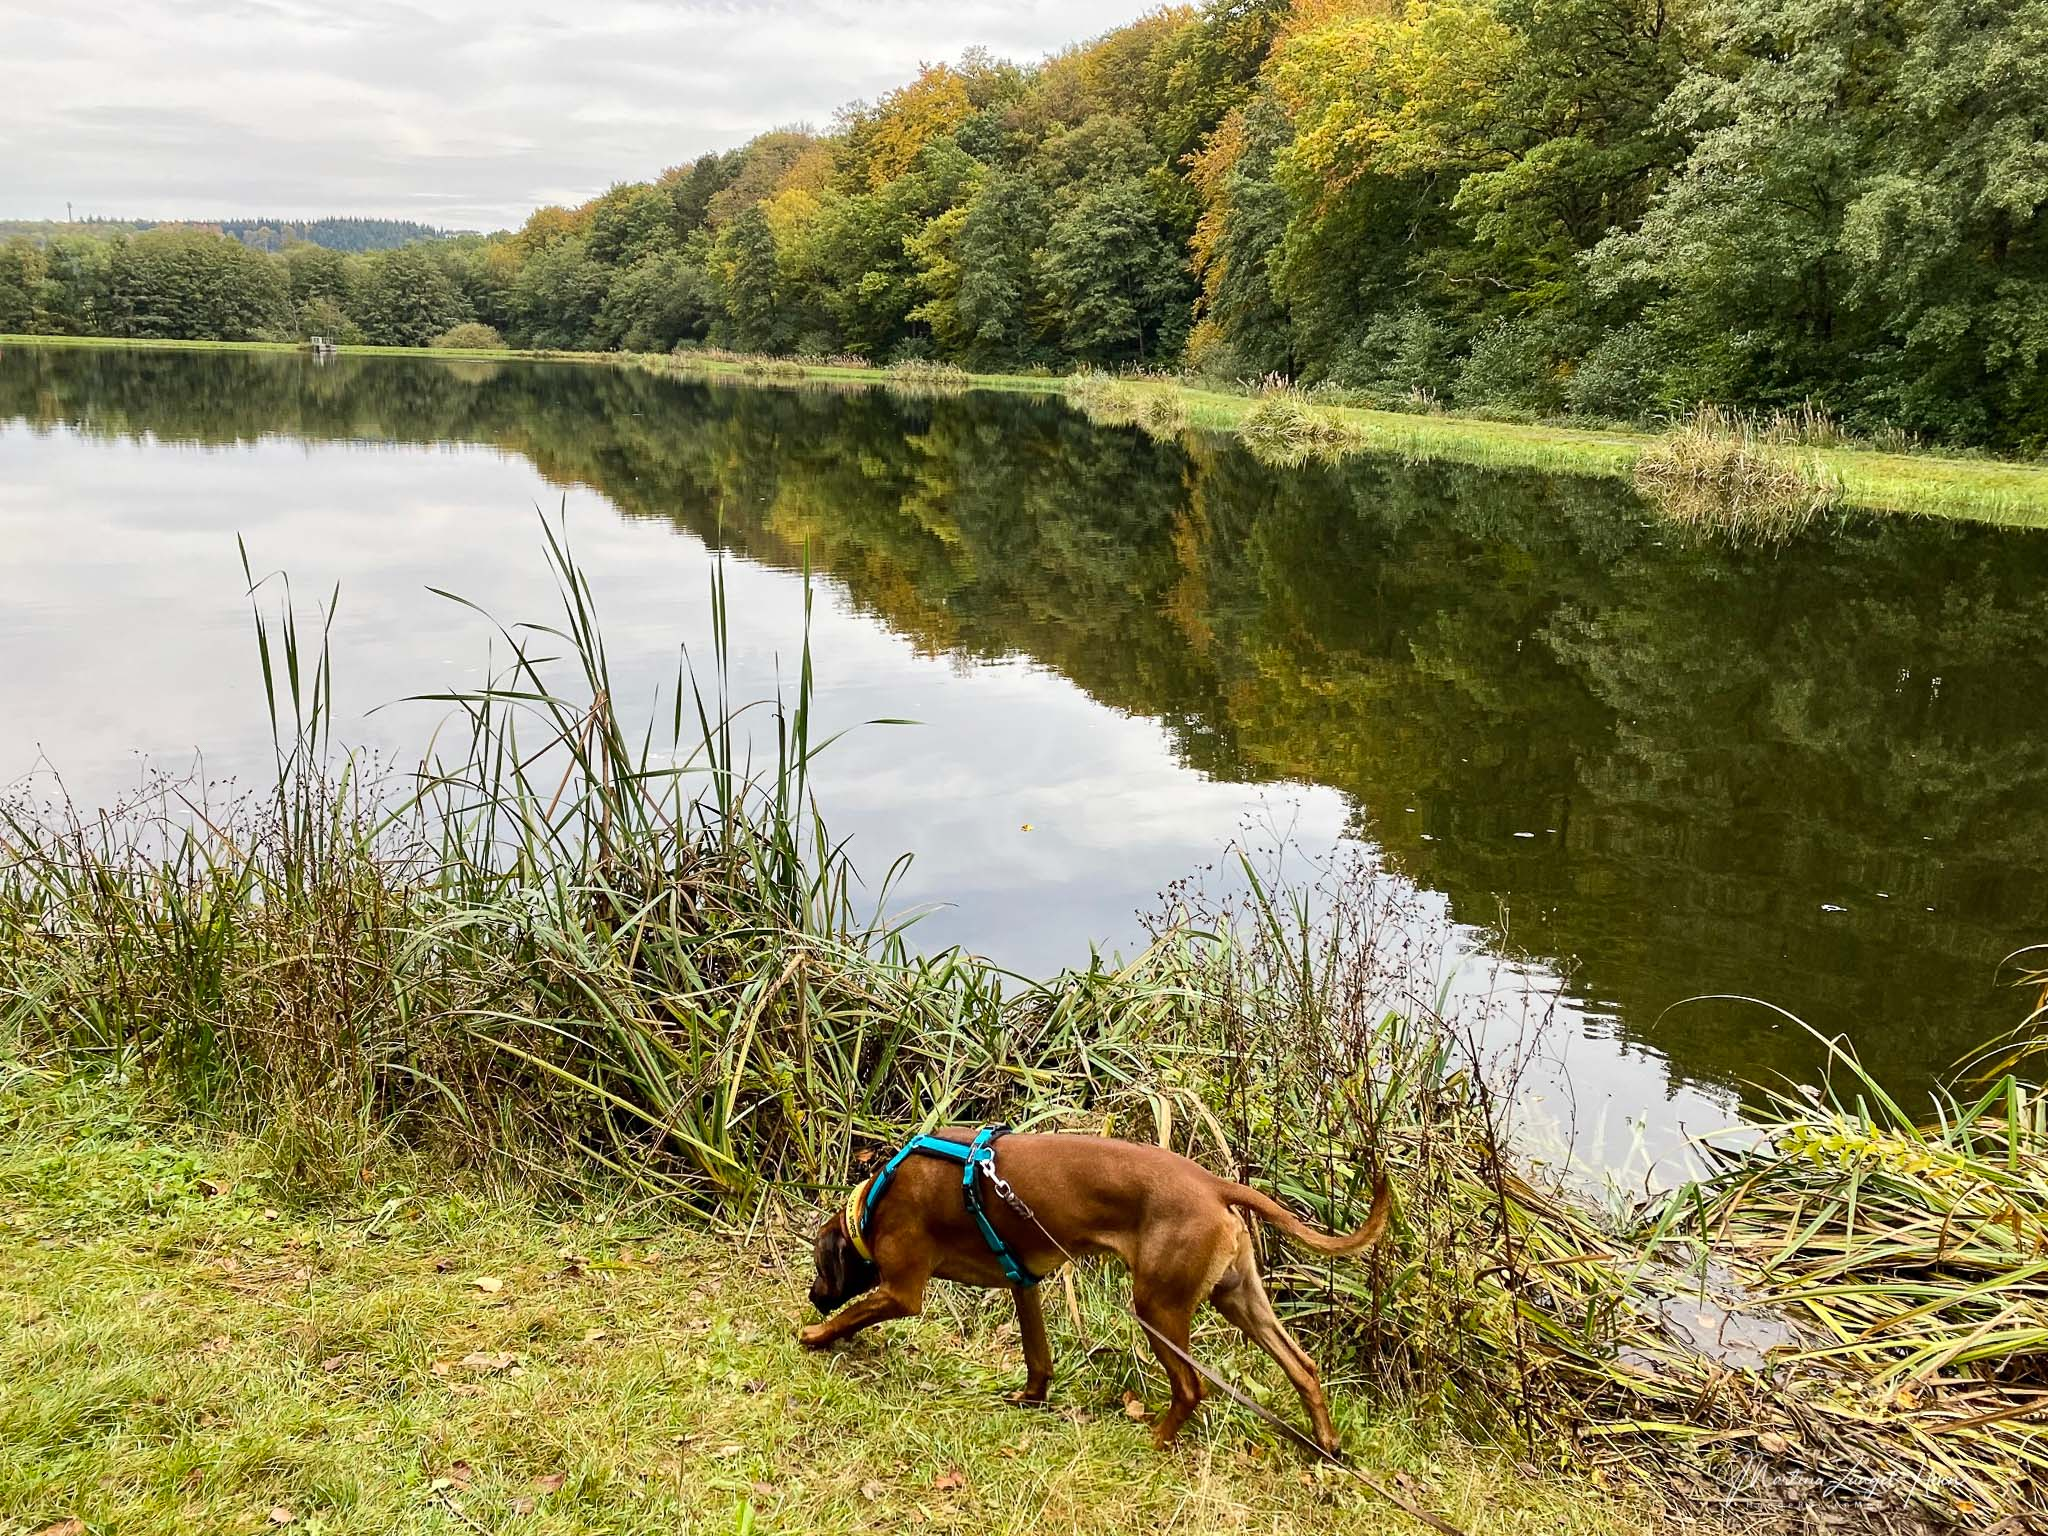 Wäller Tour Elberthöhen - Raban erkundet neugierig das Ufer am Fischteich